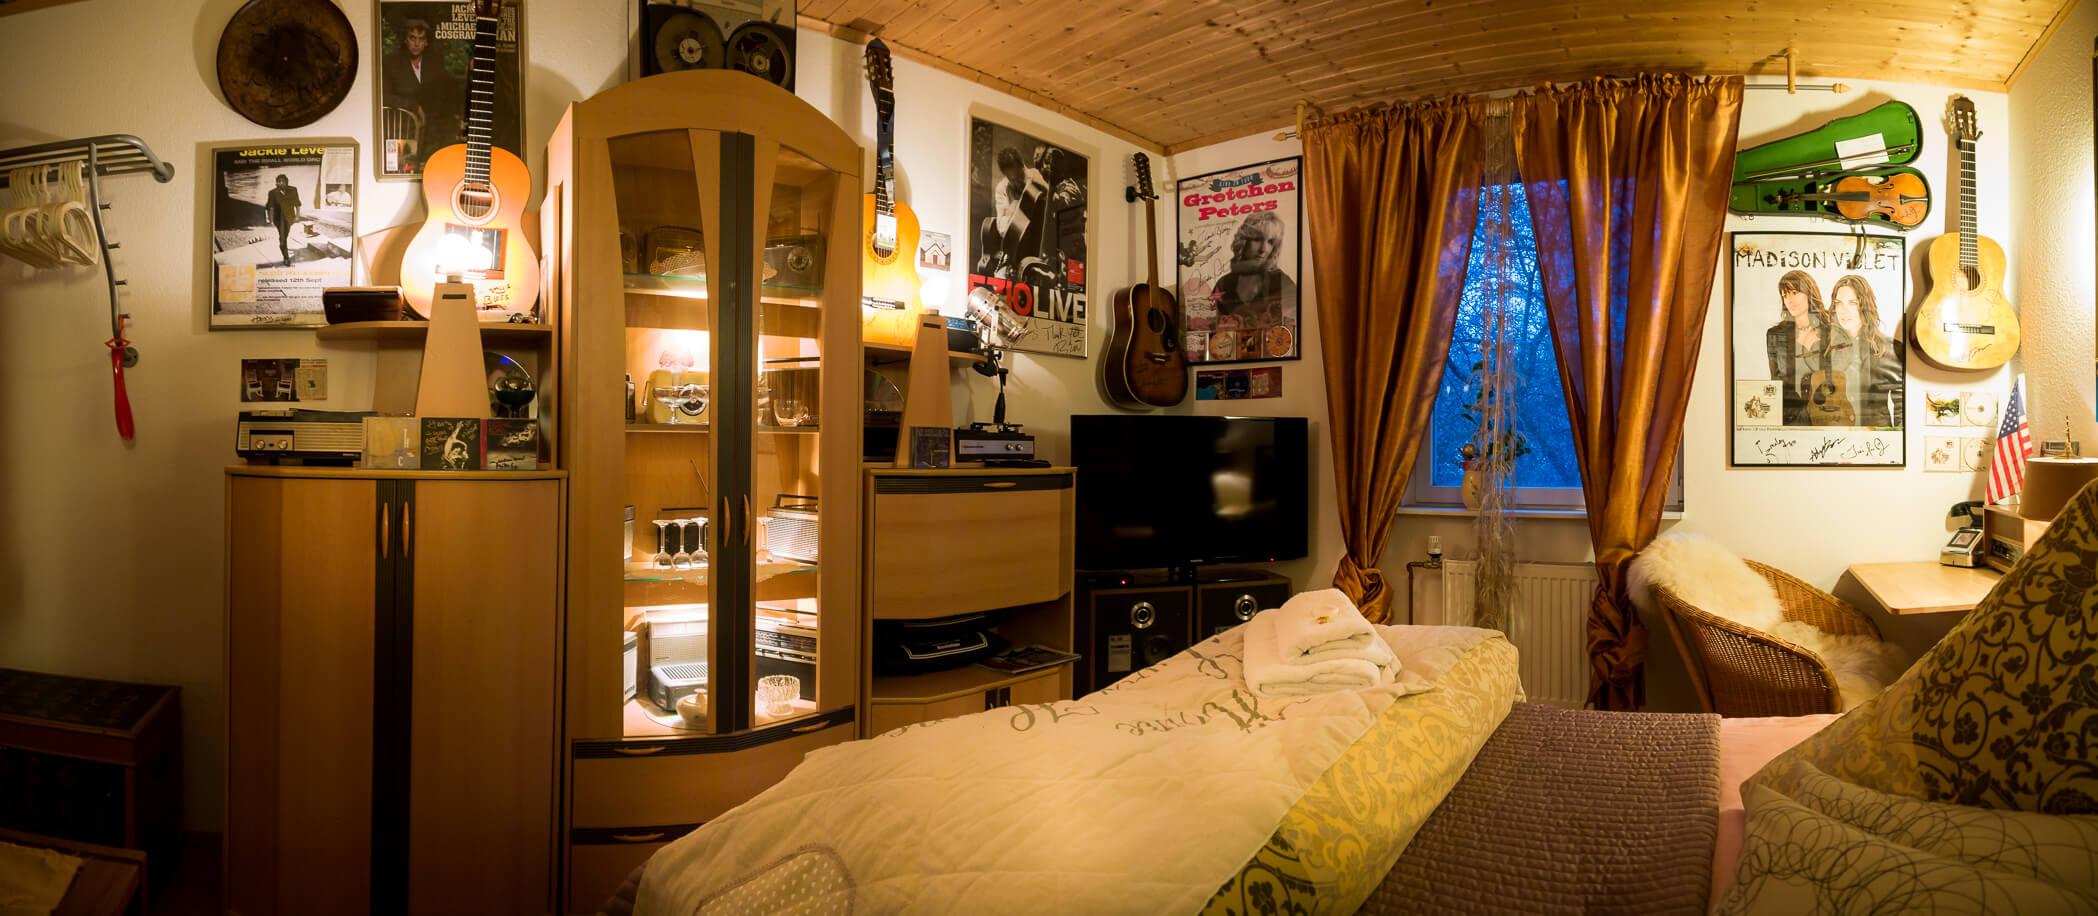 Ray_Wilson_Room_Bett